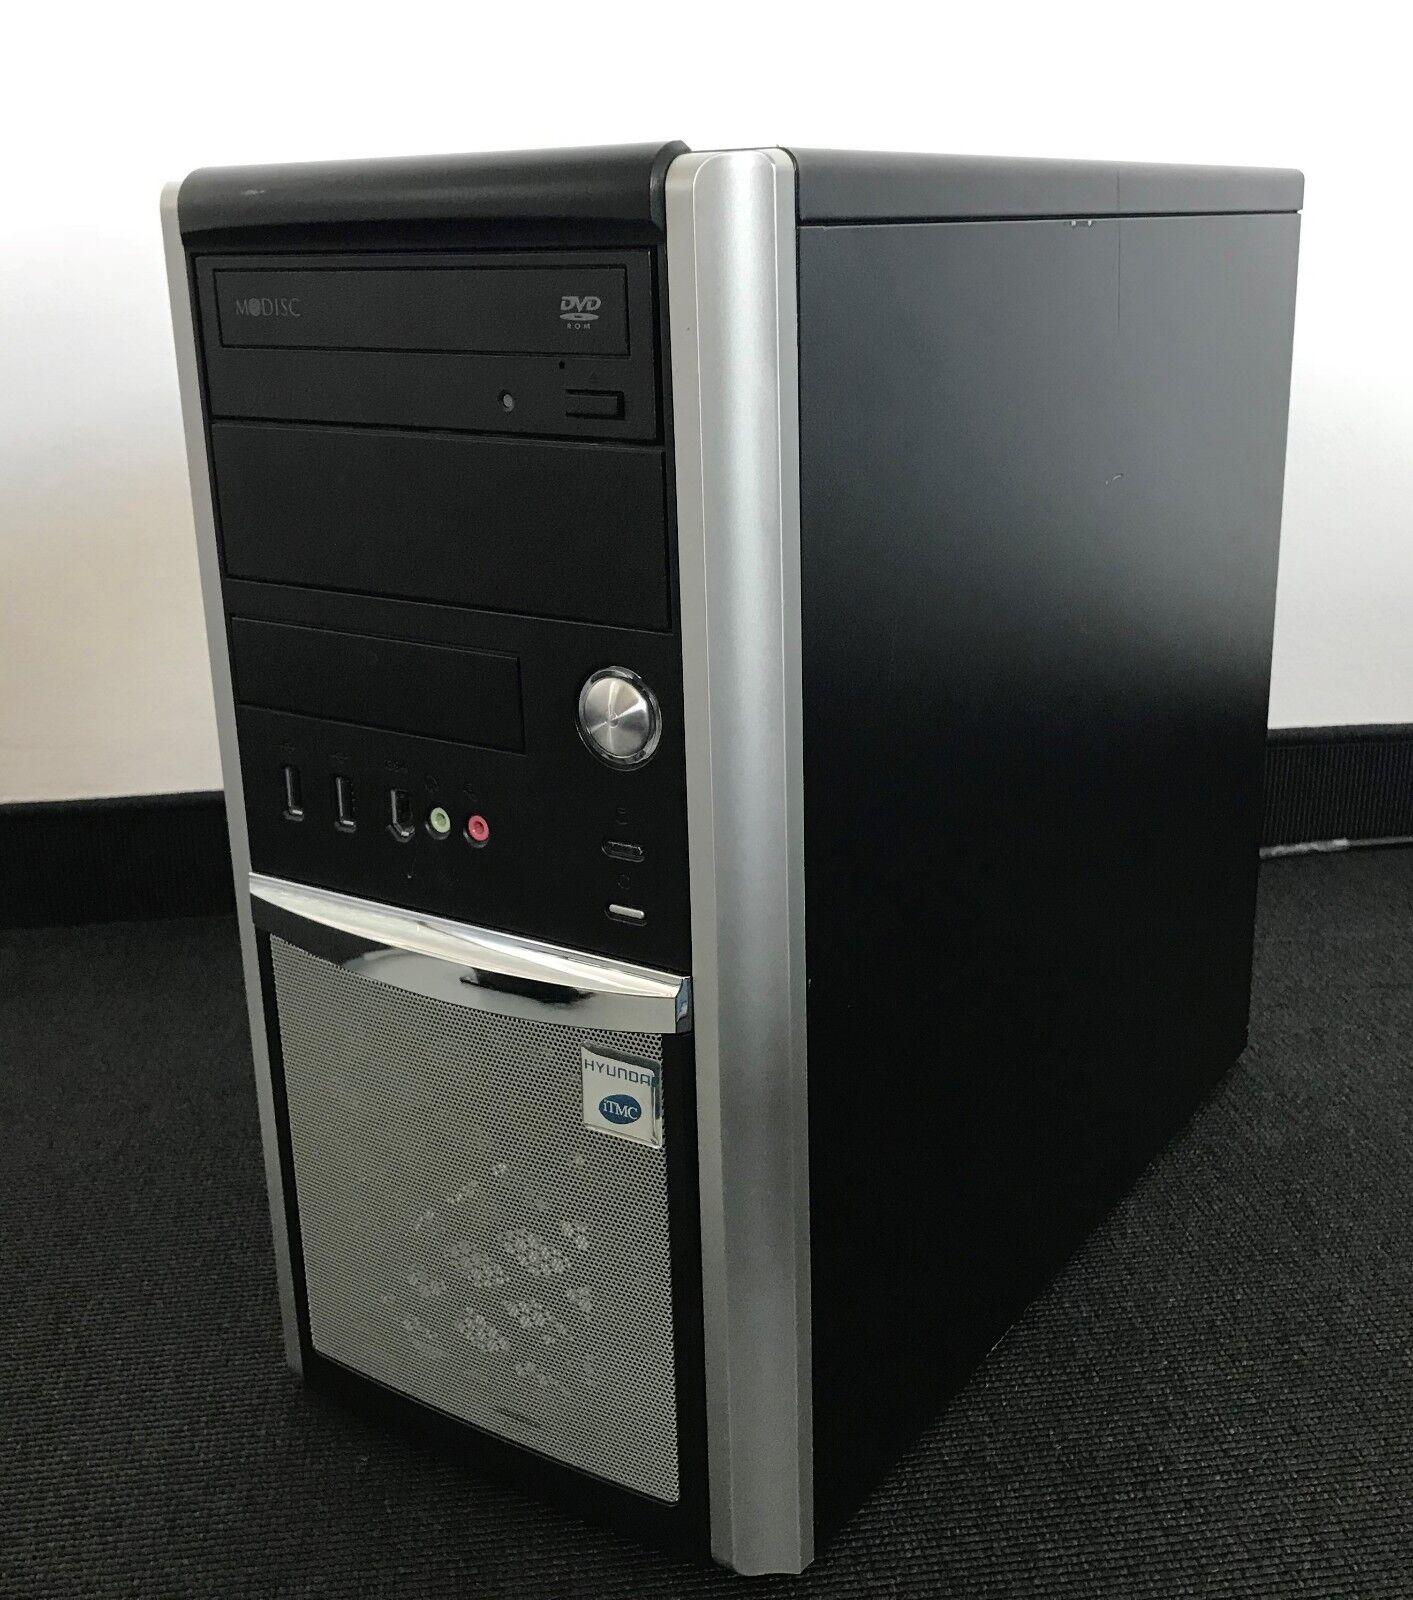 PC-Gehäuse ATX MODISC Mini Tower Netzteil 350W DVD Laufwerk SATA  mit Kratzer